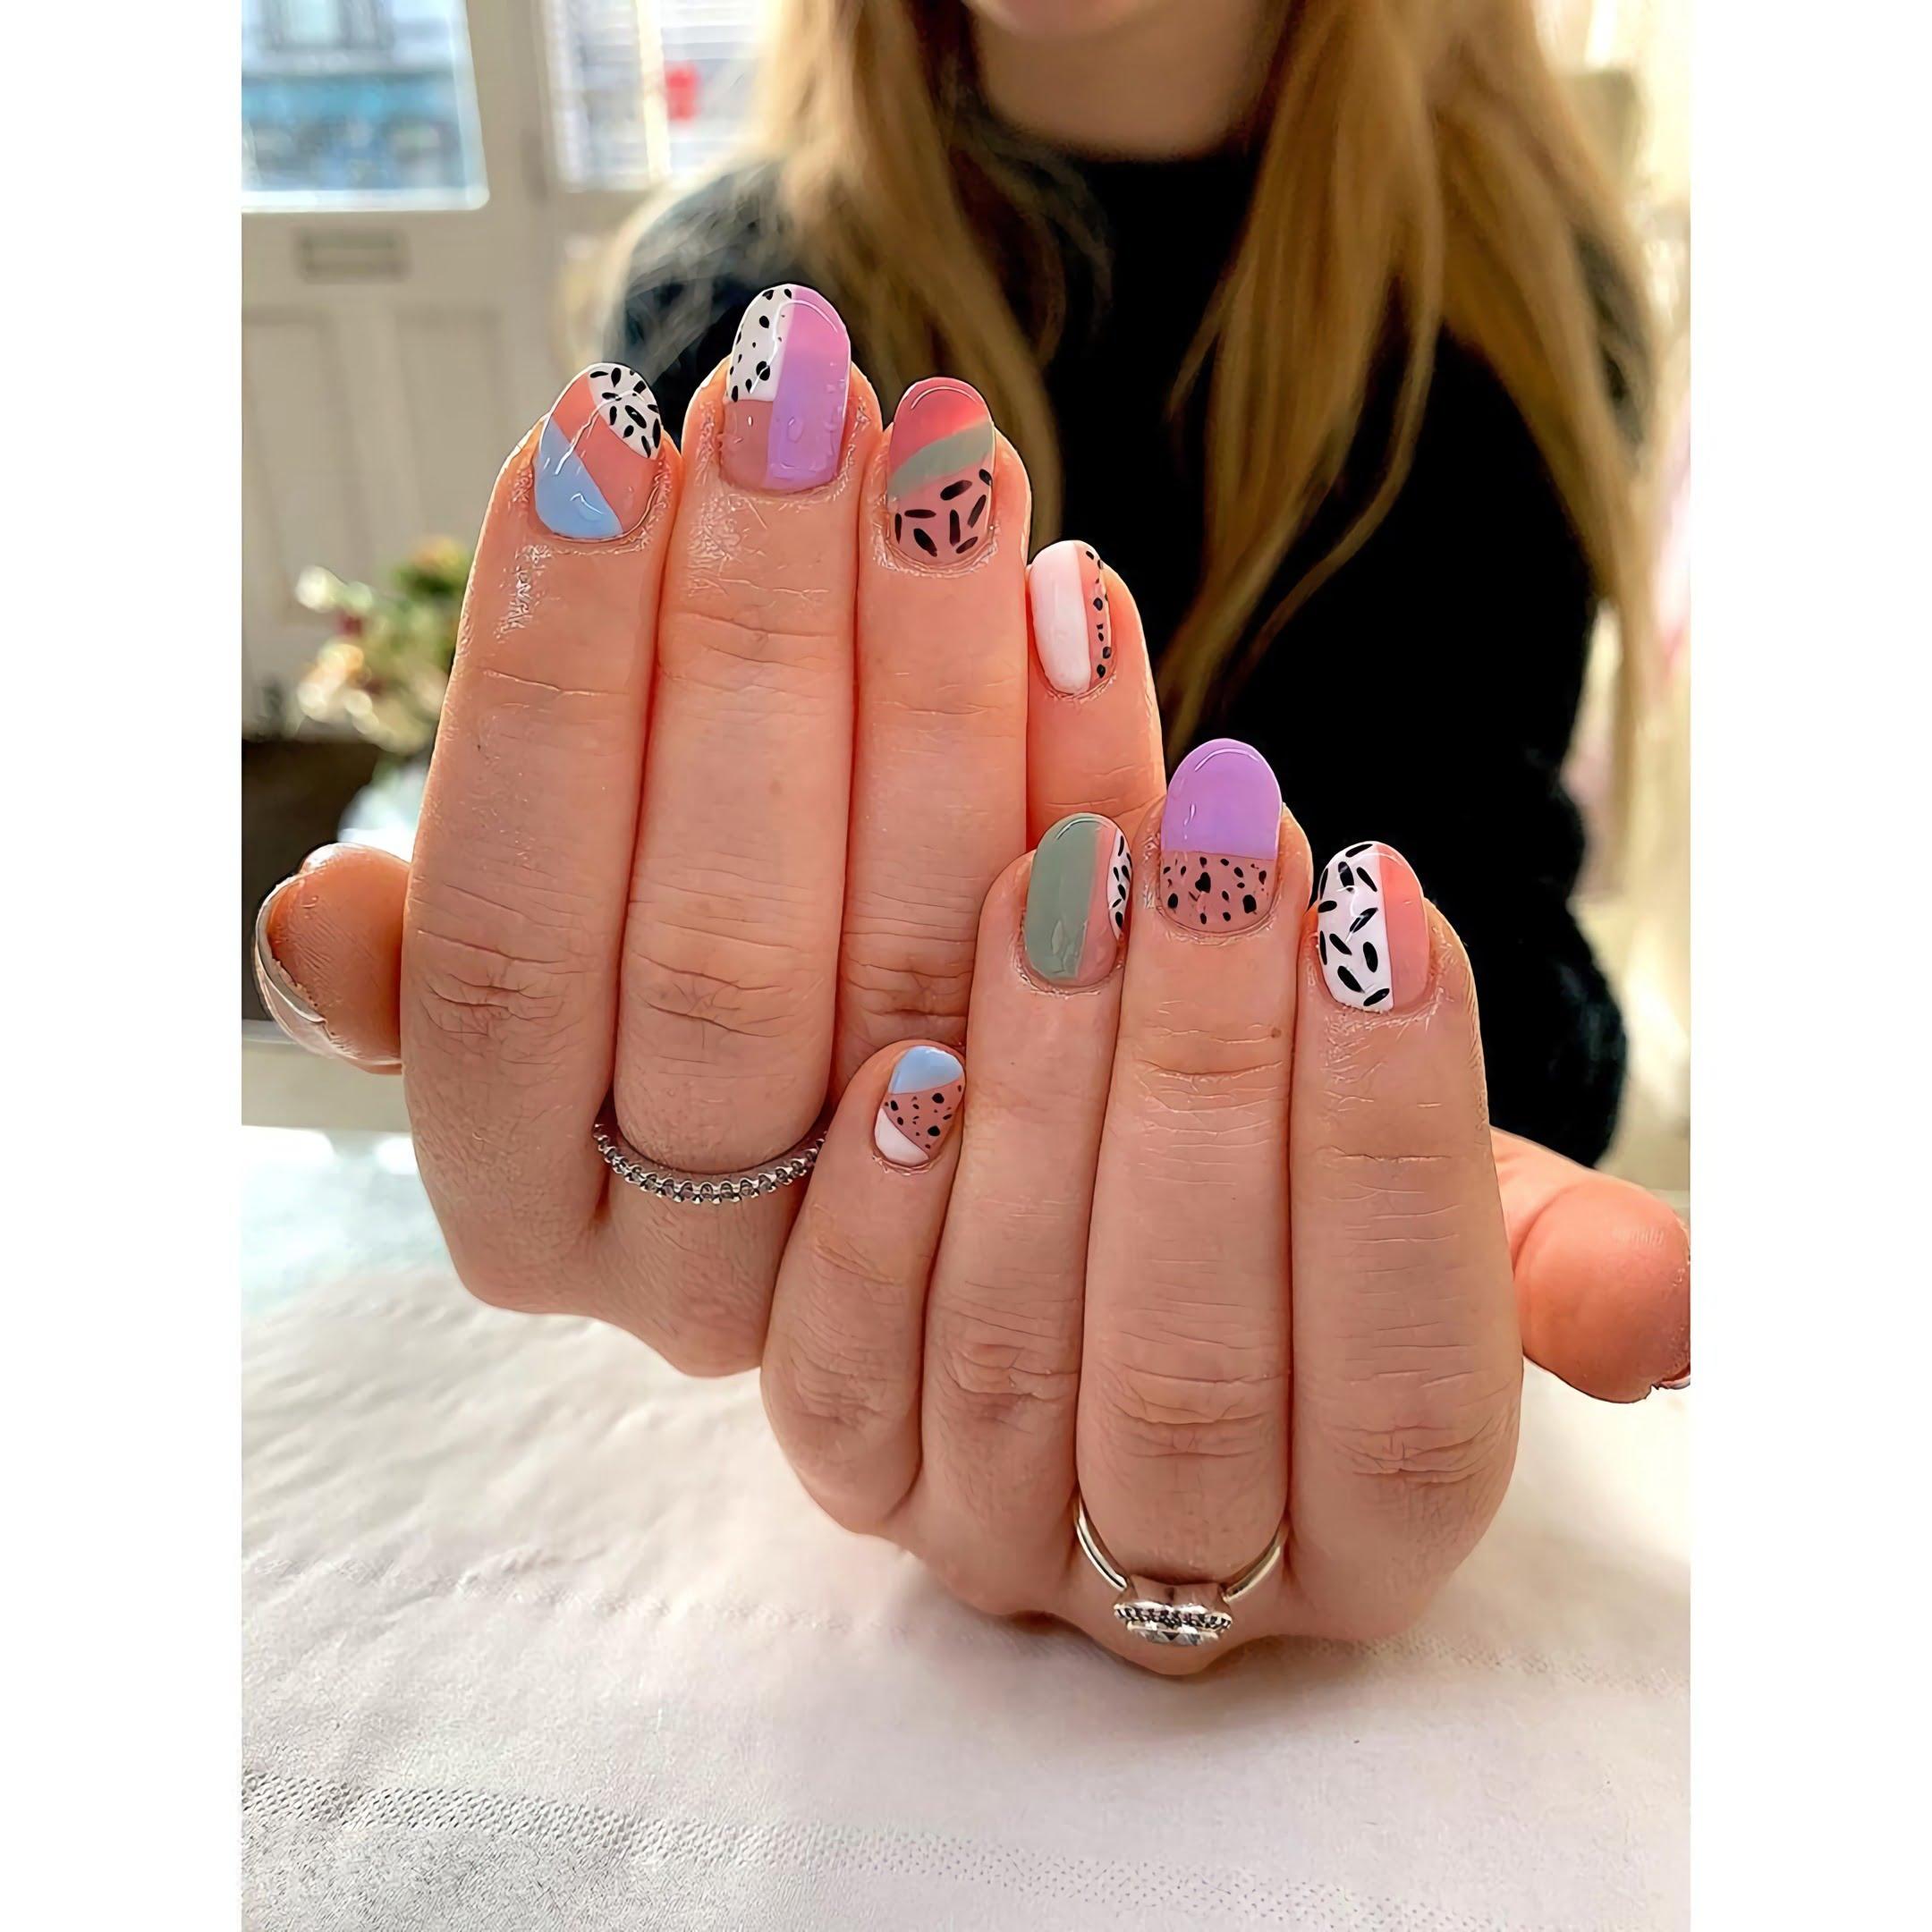 модные круглые ногти с принтом животных